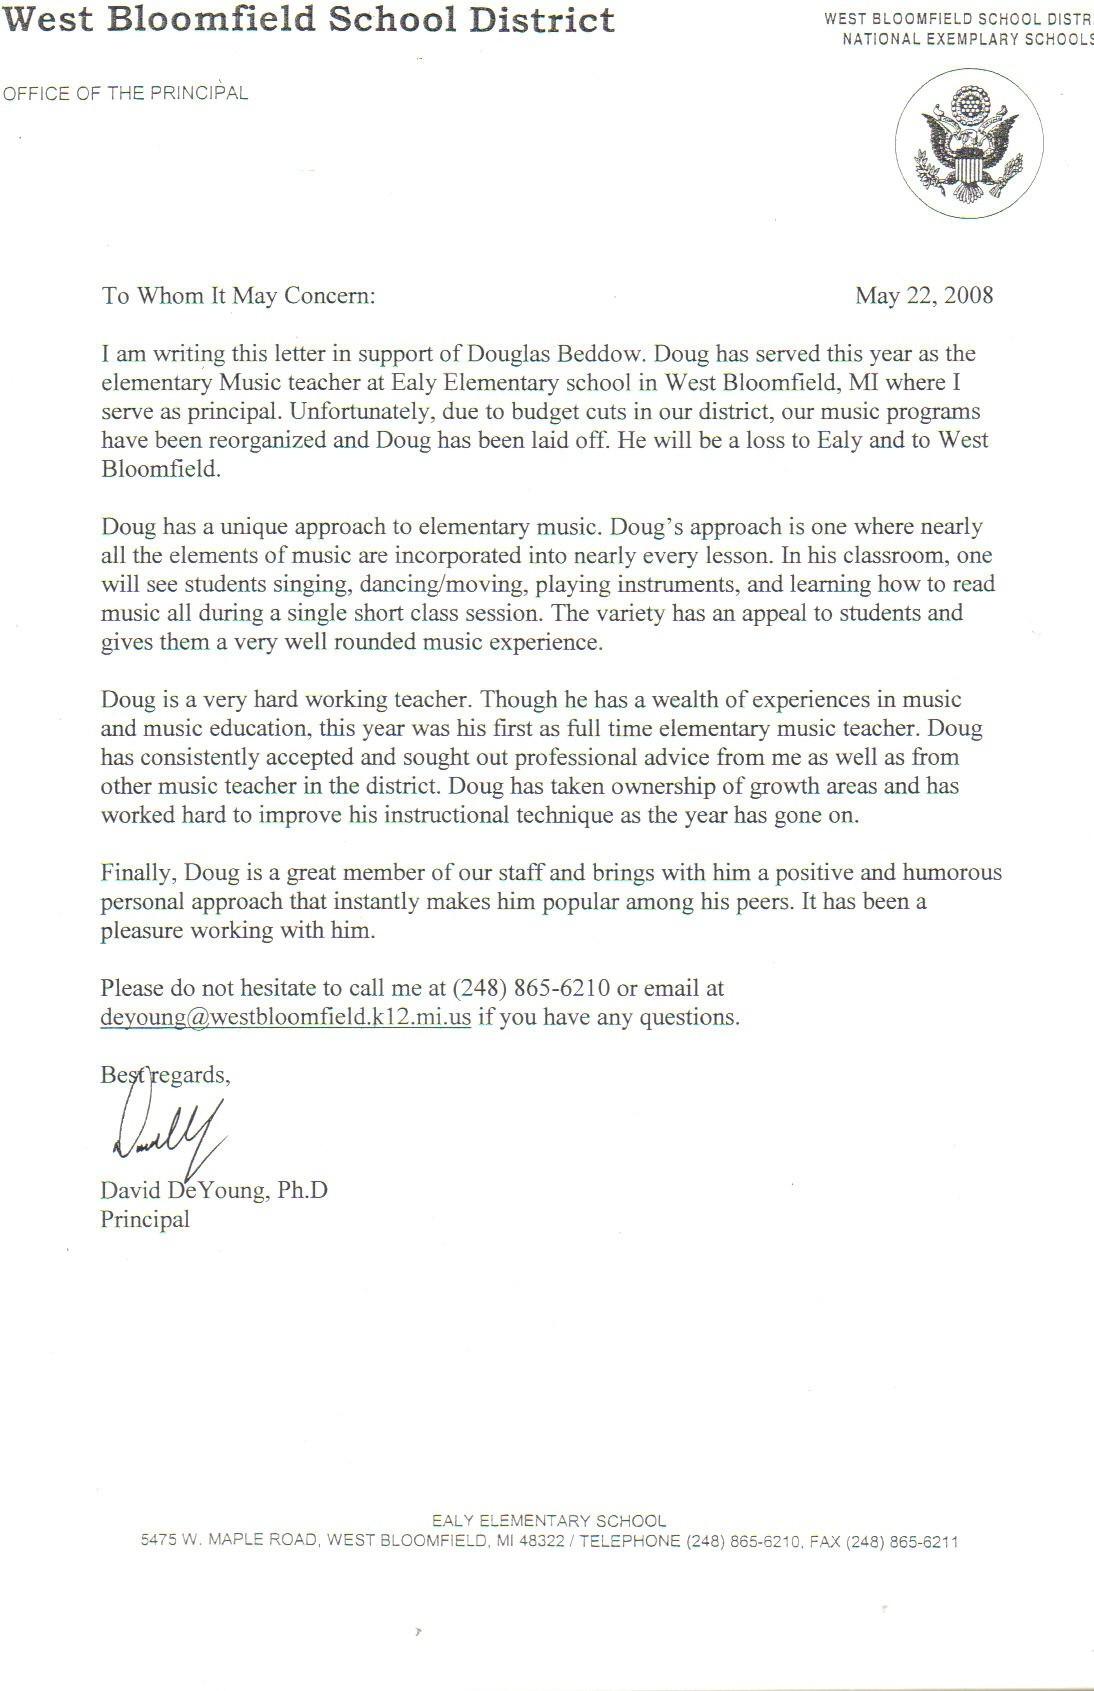 recommendation letter for teacher post  Recommendation Letter For Teacher | templates free printable - recommendation letter for teacher post